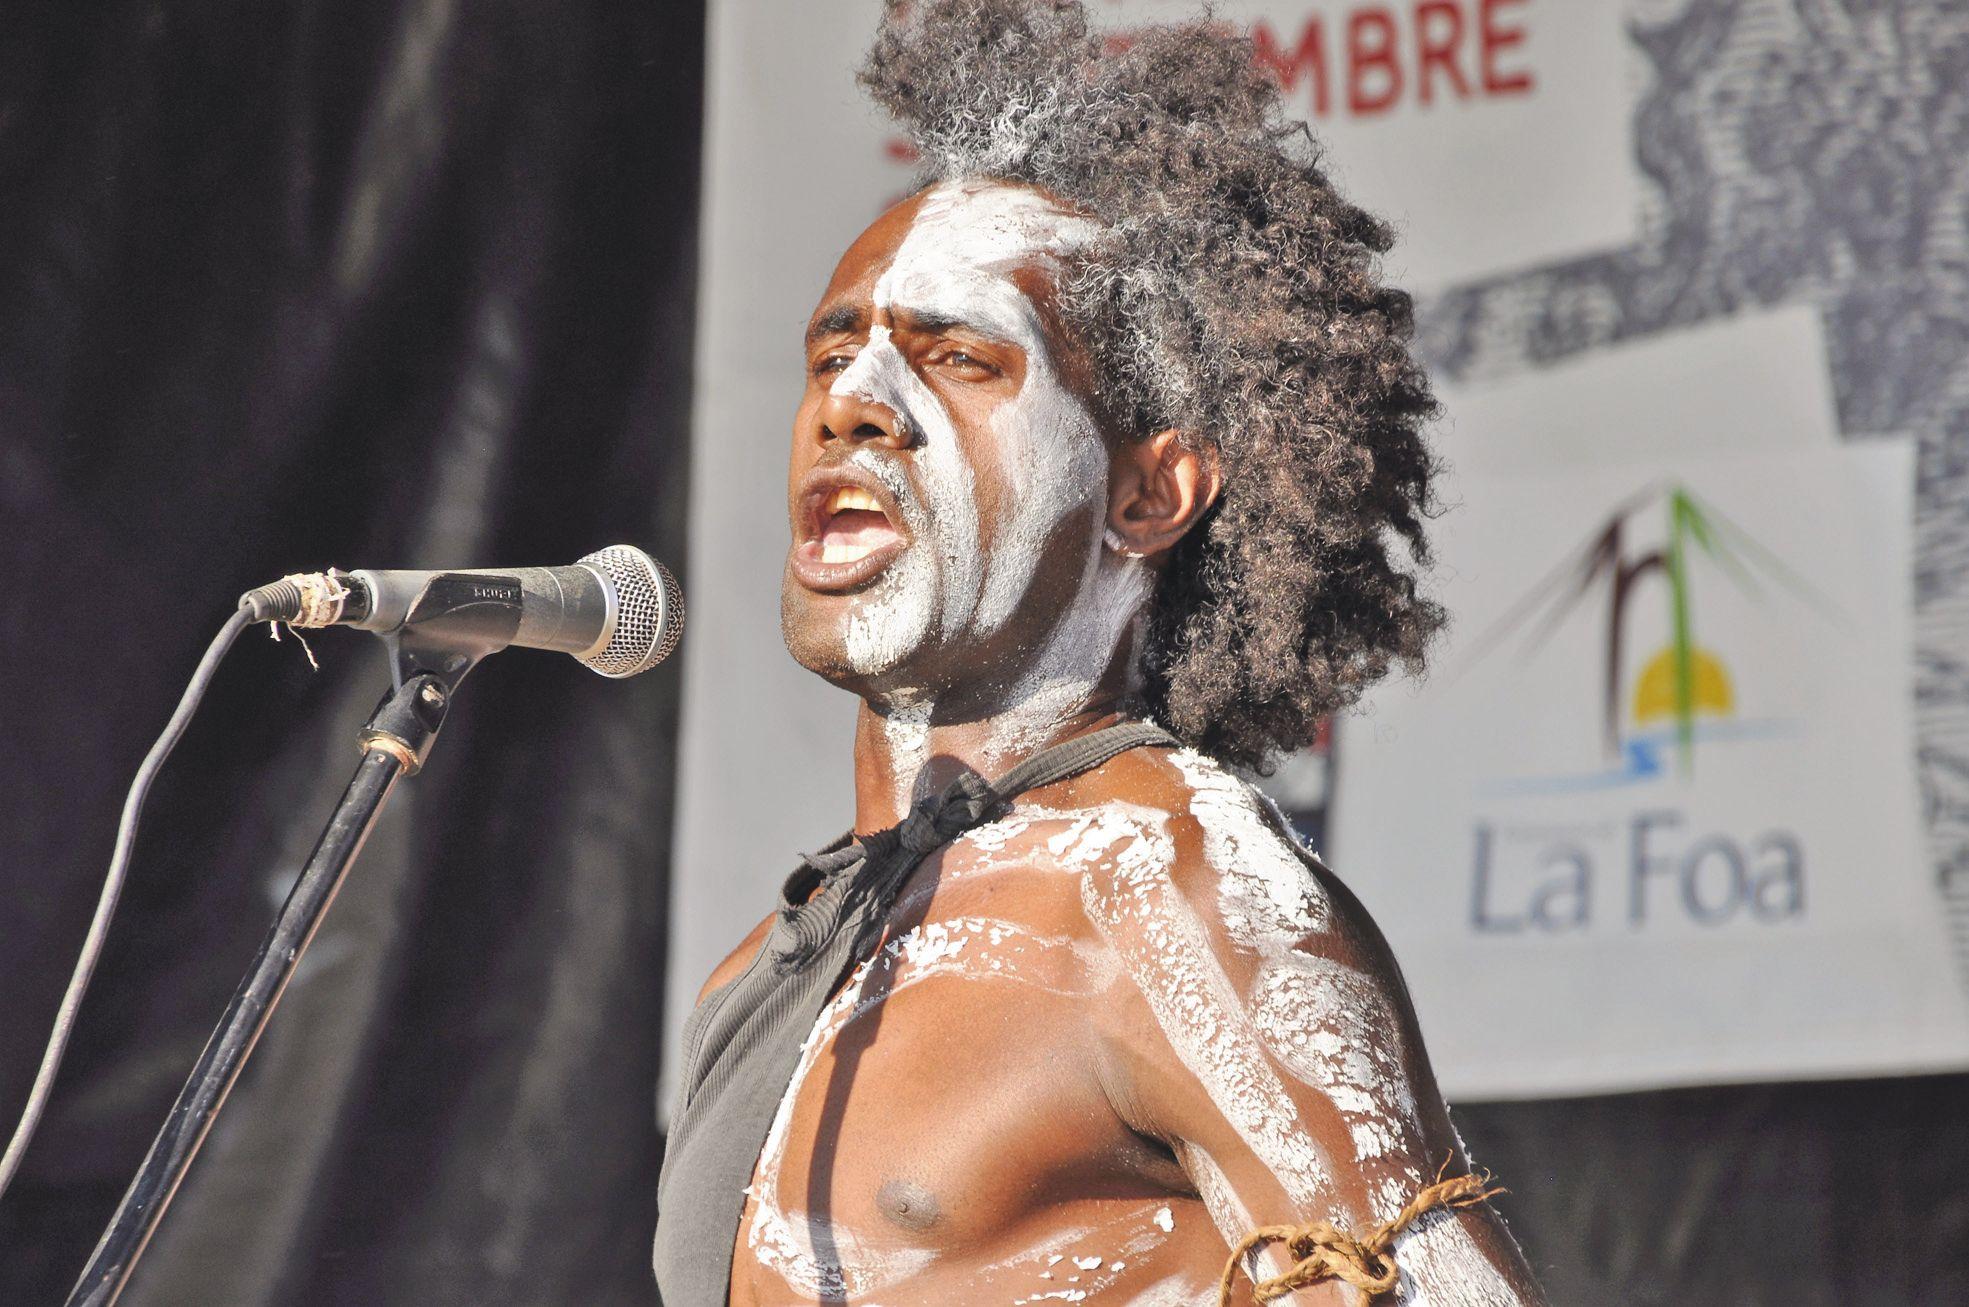 Scène offerte aux artistes, la fête de la Citoyenneté a permis au slameur Rémy Hnaije, de Lifou, de montrer avec rage, force et rythme, que la langue véhicule la culture. Si tous les artistes ont été invités à la fête, certains ont regretté de ne pas pouv